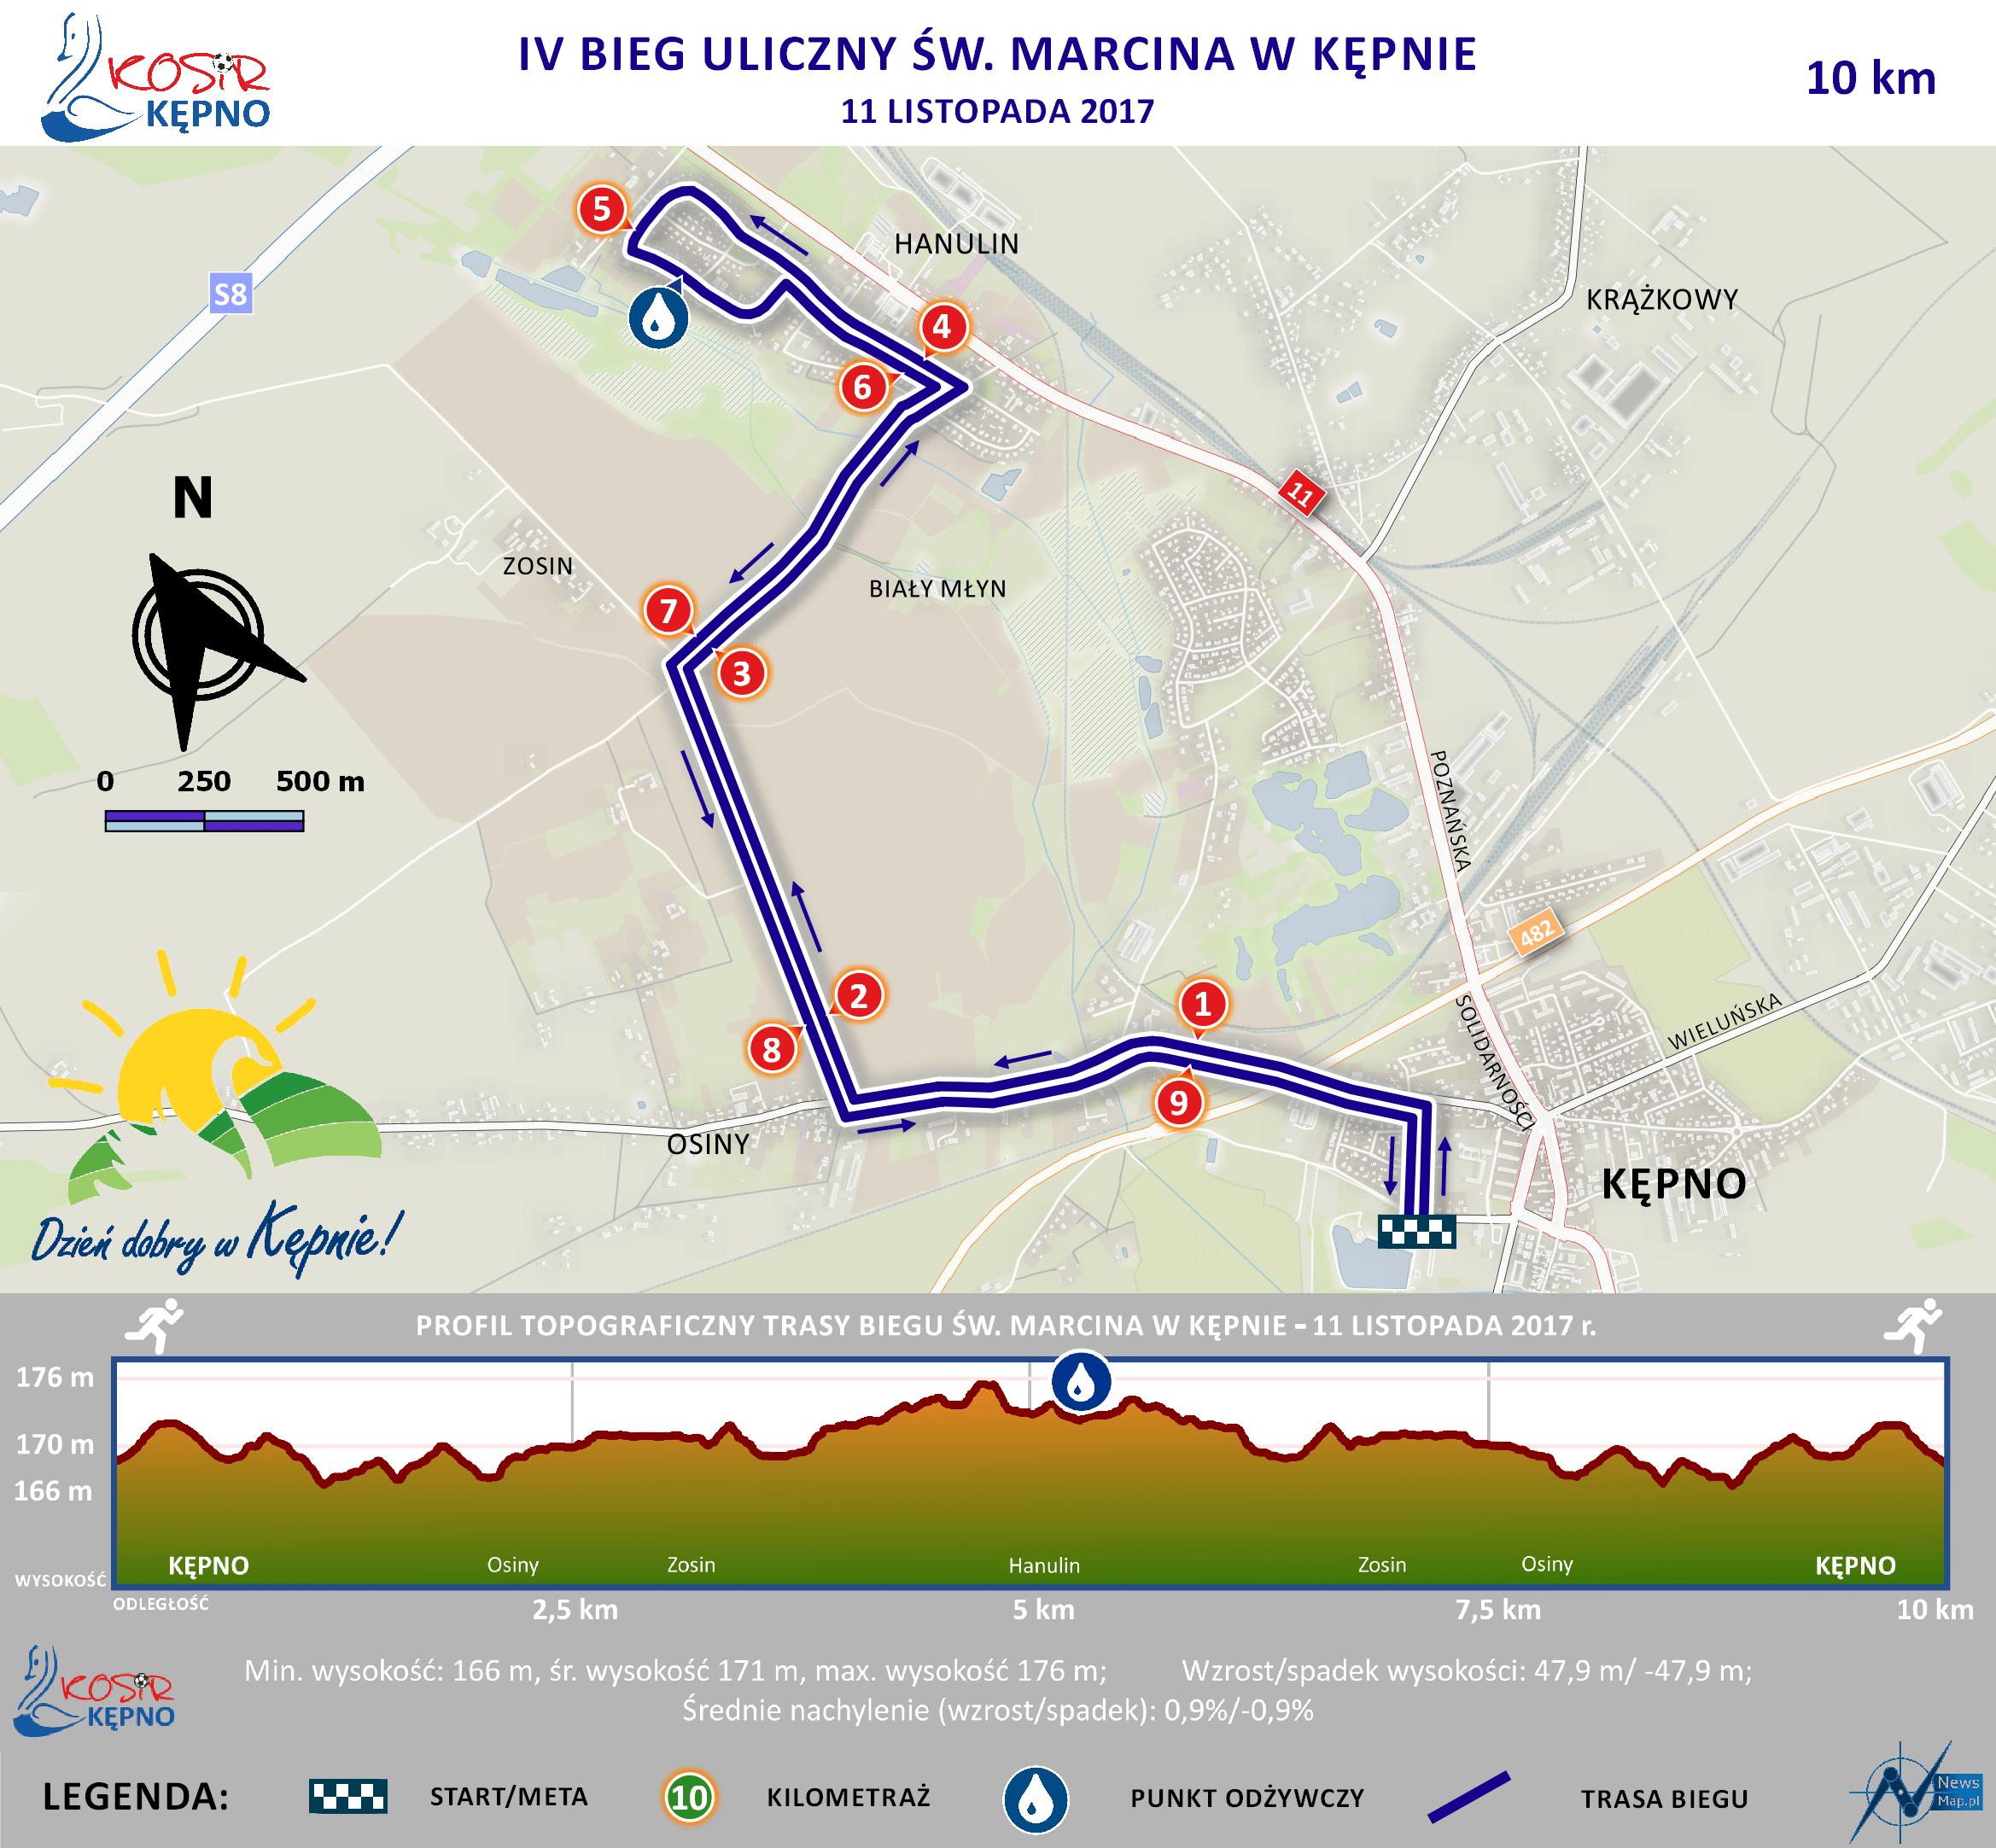 Mapa statyczna - IV Bieg św. Marcina + profil (on-line)